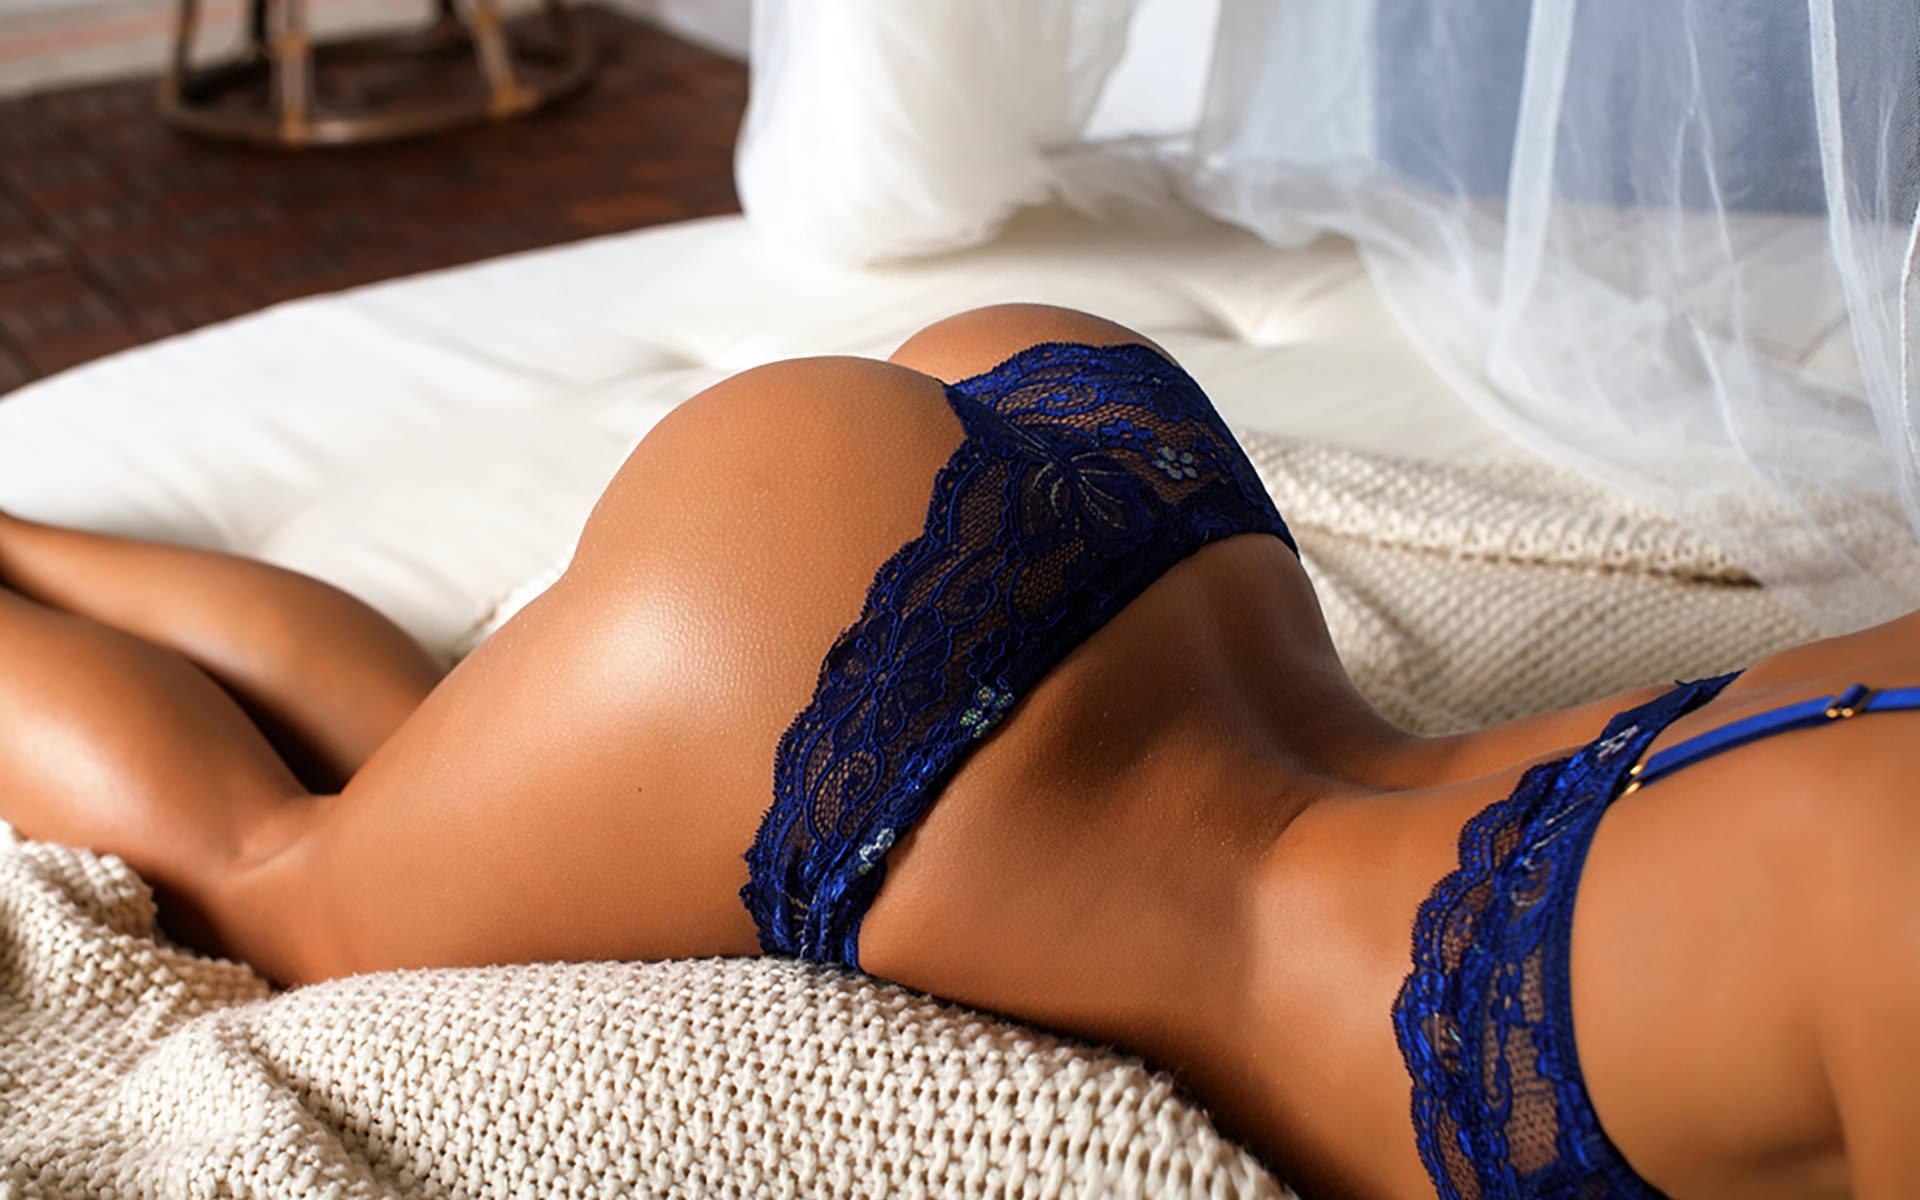 Сексуальные красивые женские попки, Красивые голые попки девушек и женщин. Фото 11 фотография